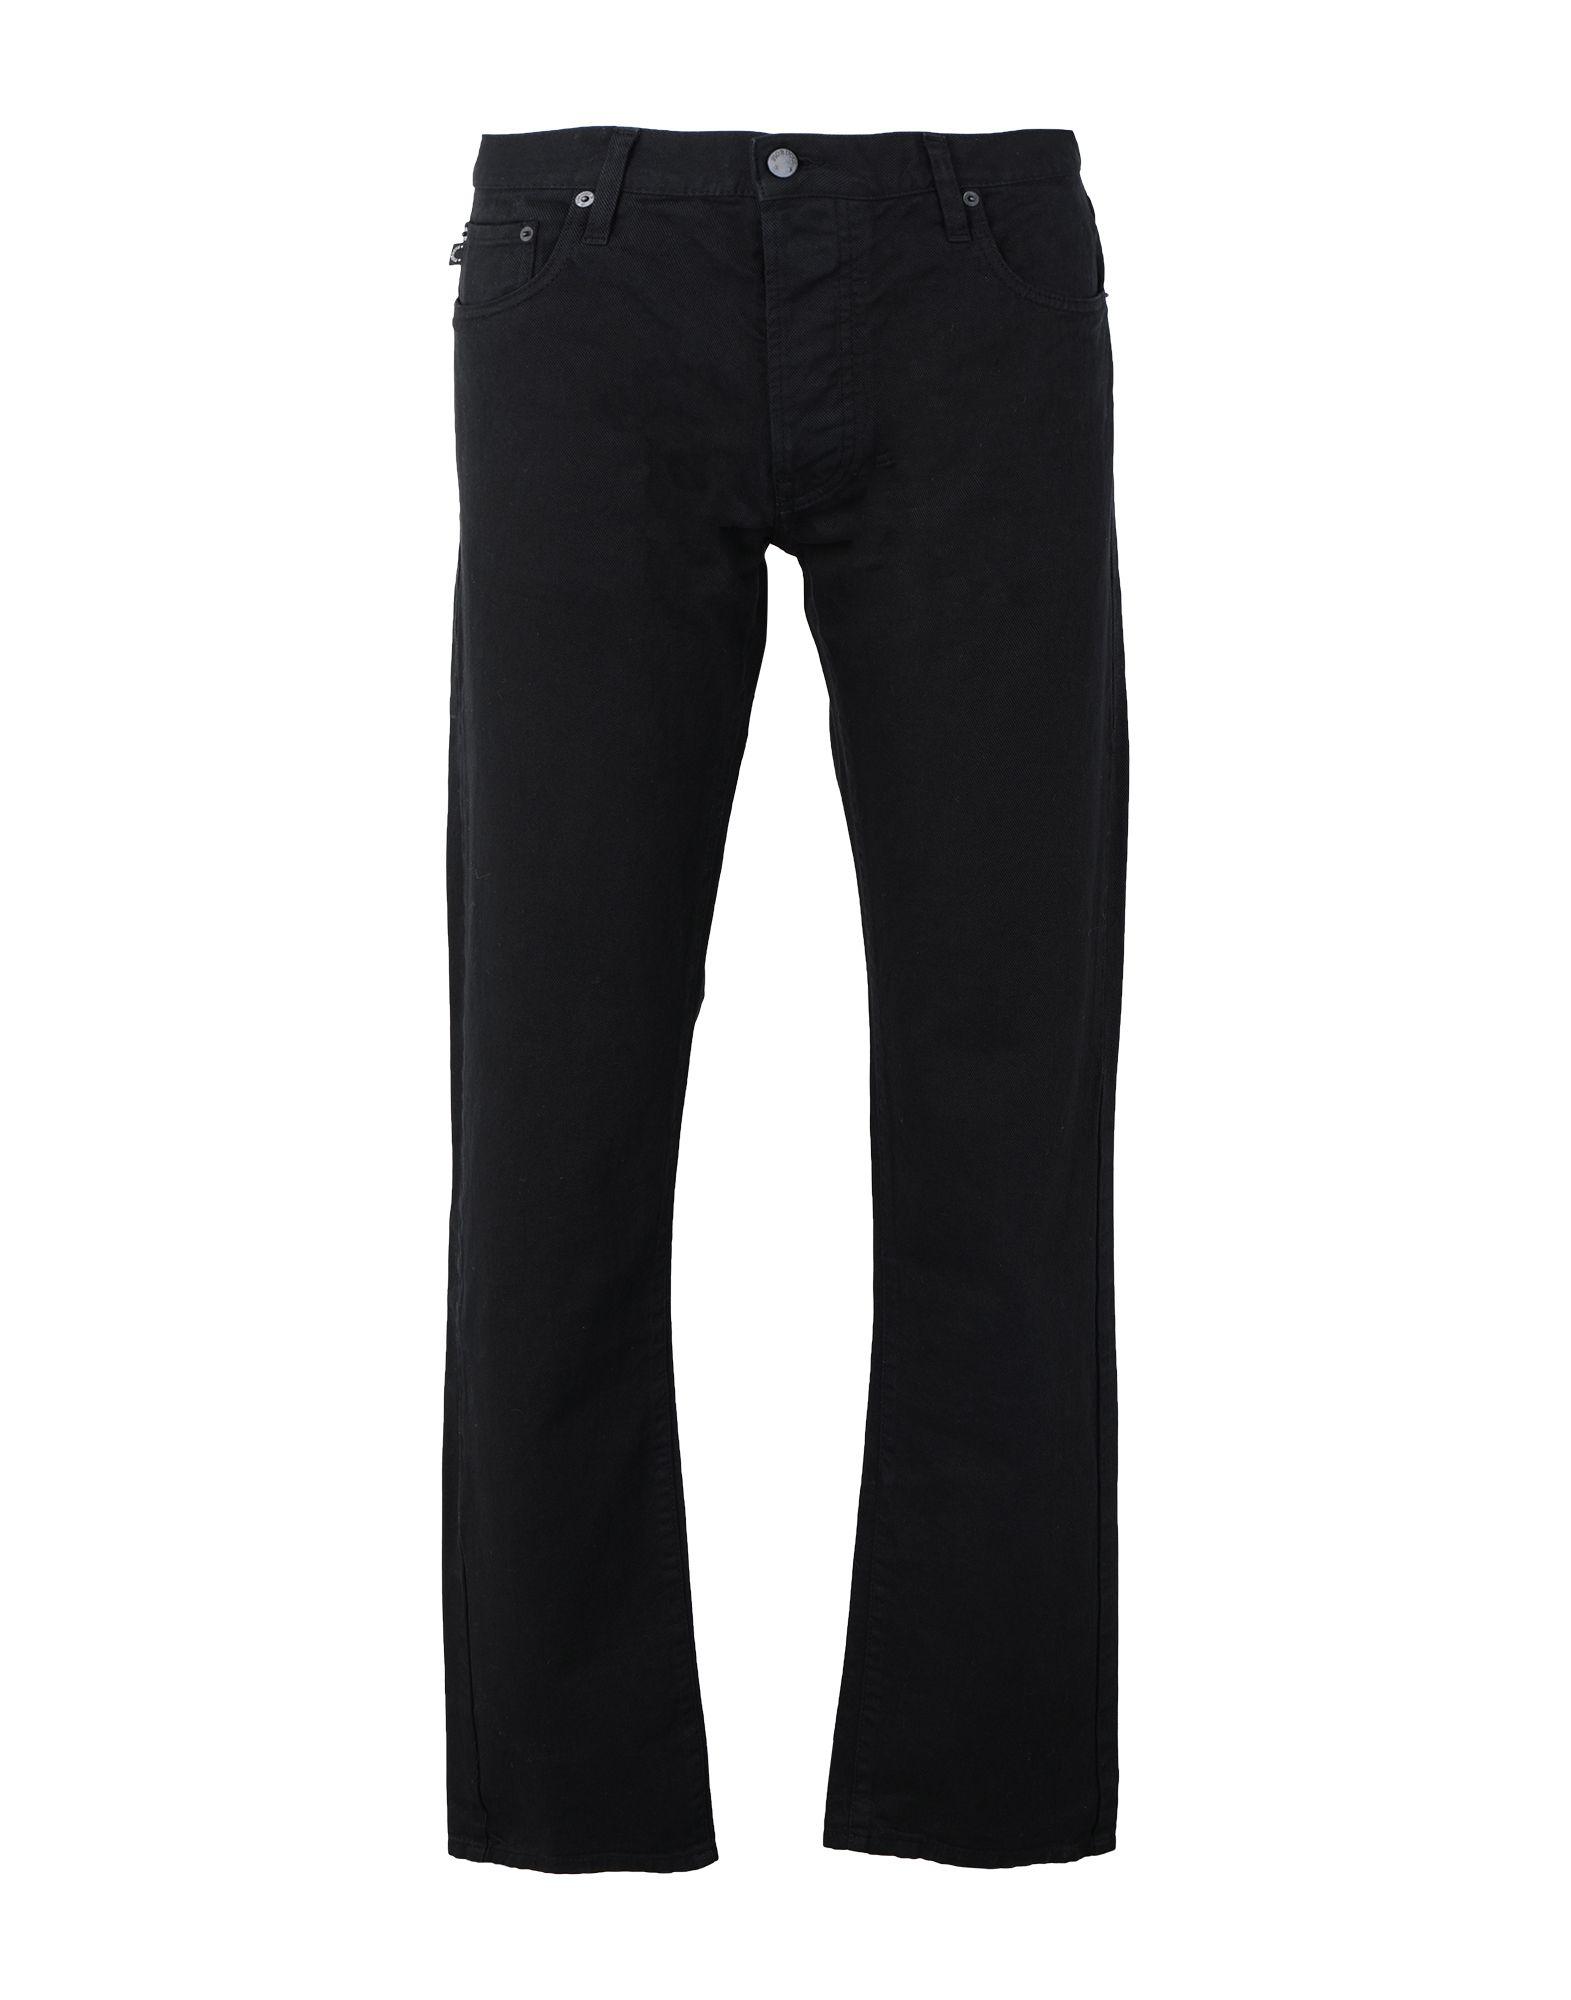 《セール開催中》FIORUCCI メンズ ジーンズ ブラック 28 コットン 100% ROWAN STANDARD SLIM